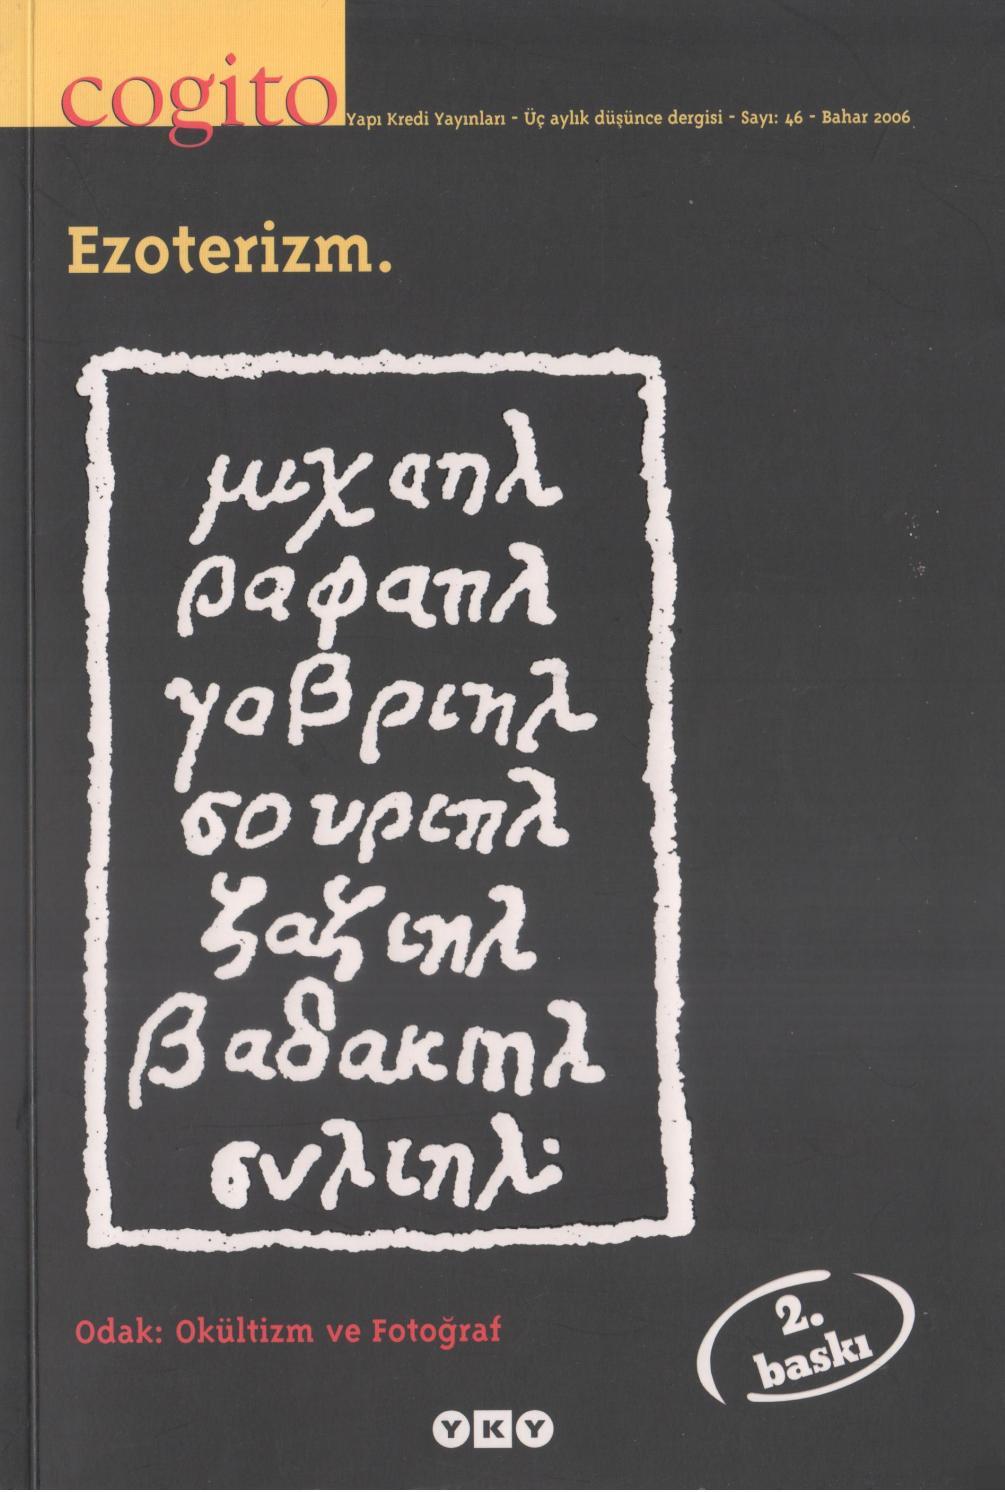 Cogito Dergisi - Sayı 46 - Bahar 2006 (Ezoterizm) By Büyük pour Activités Graphiques Gs